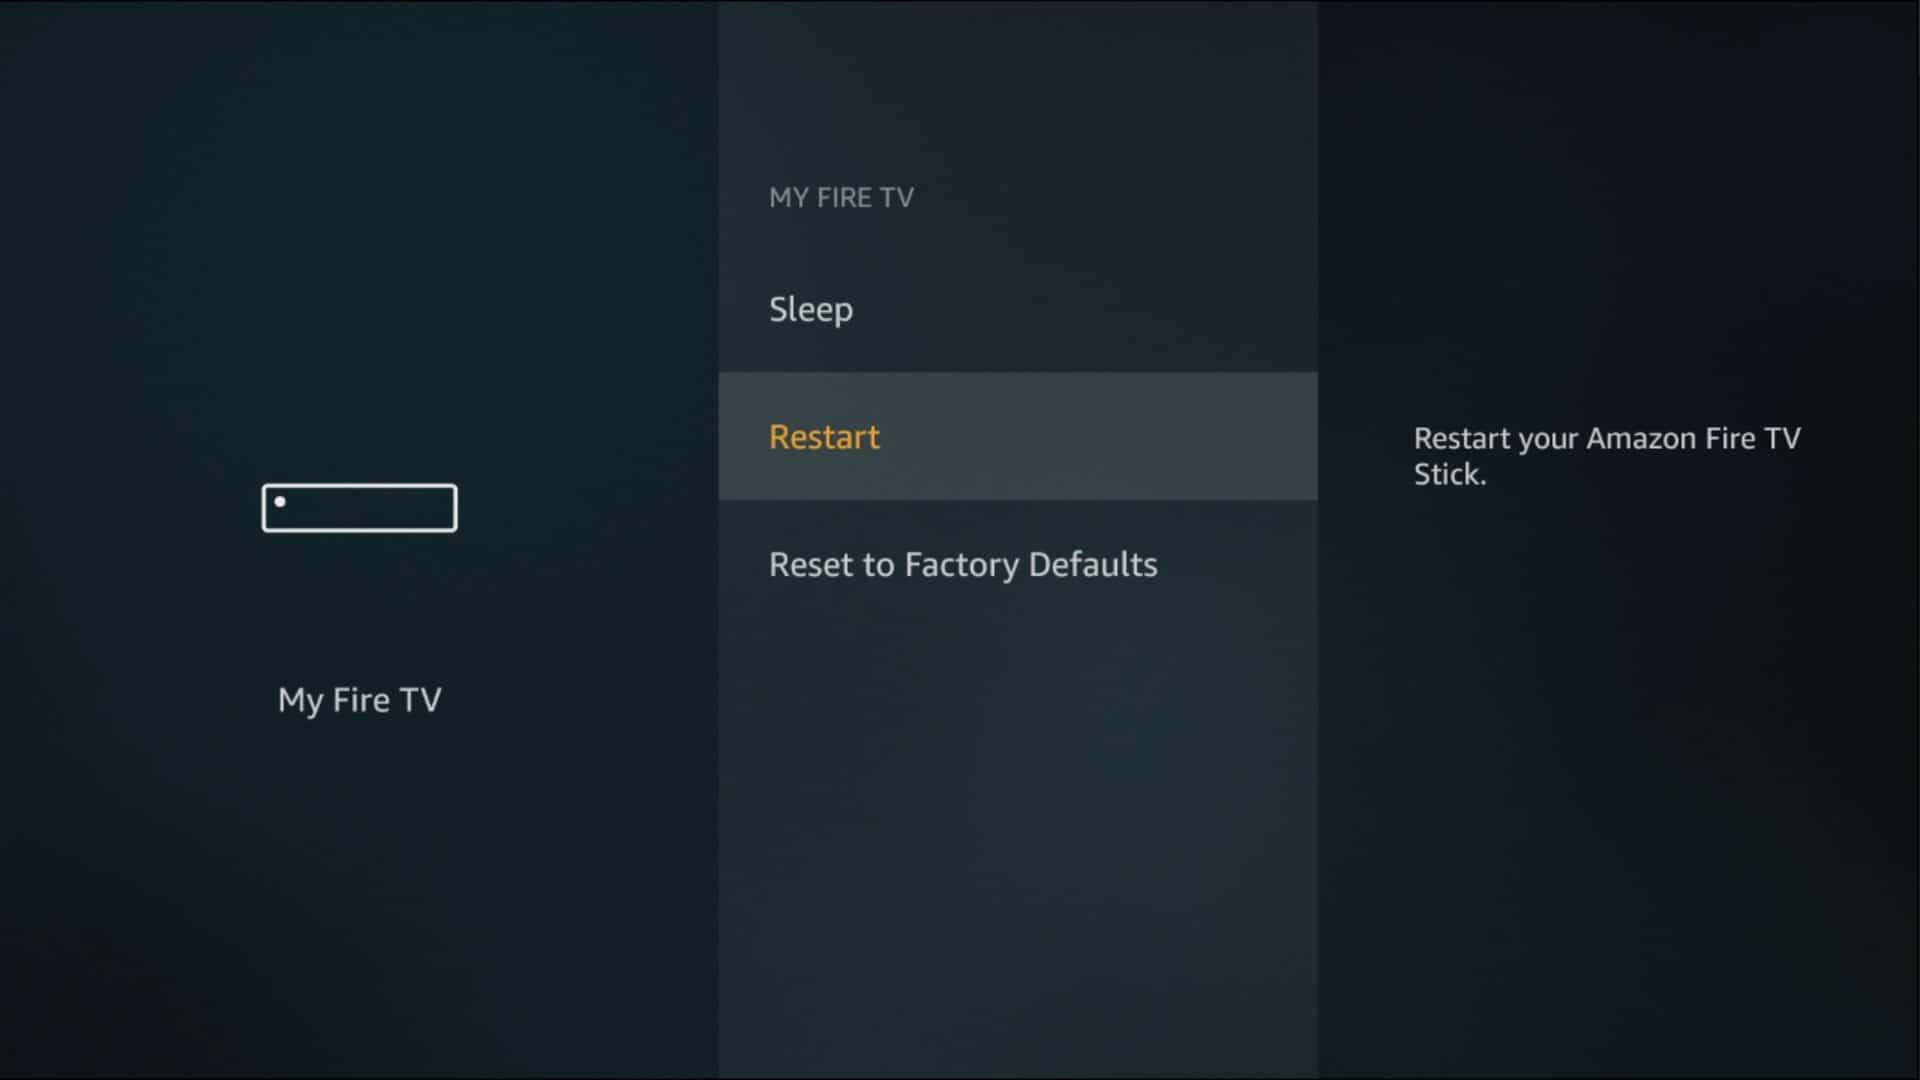 fire tv restart